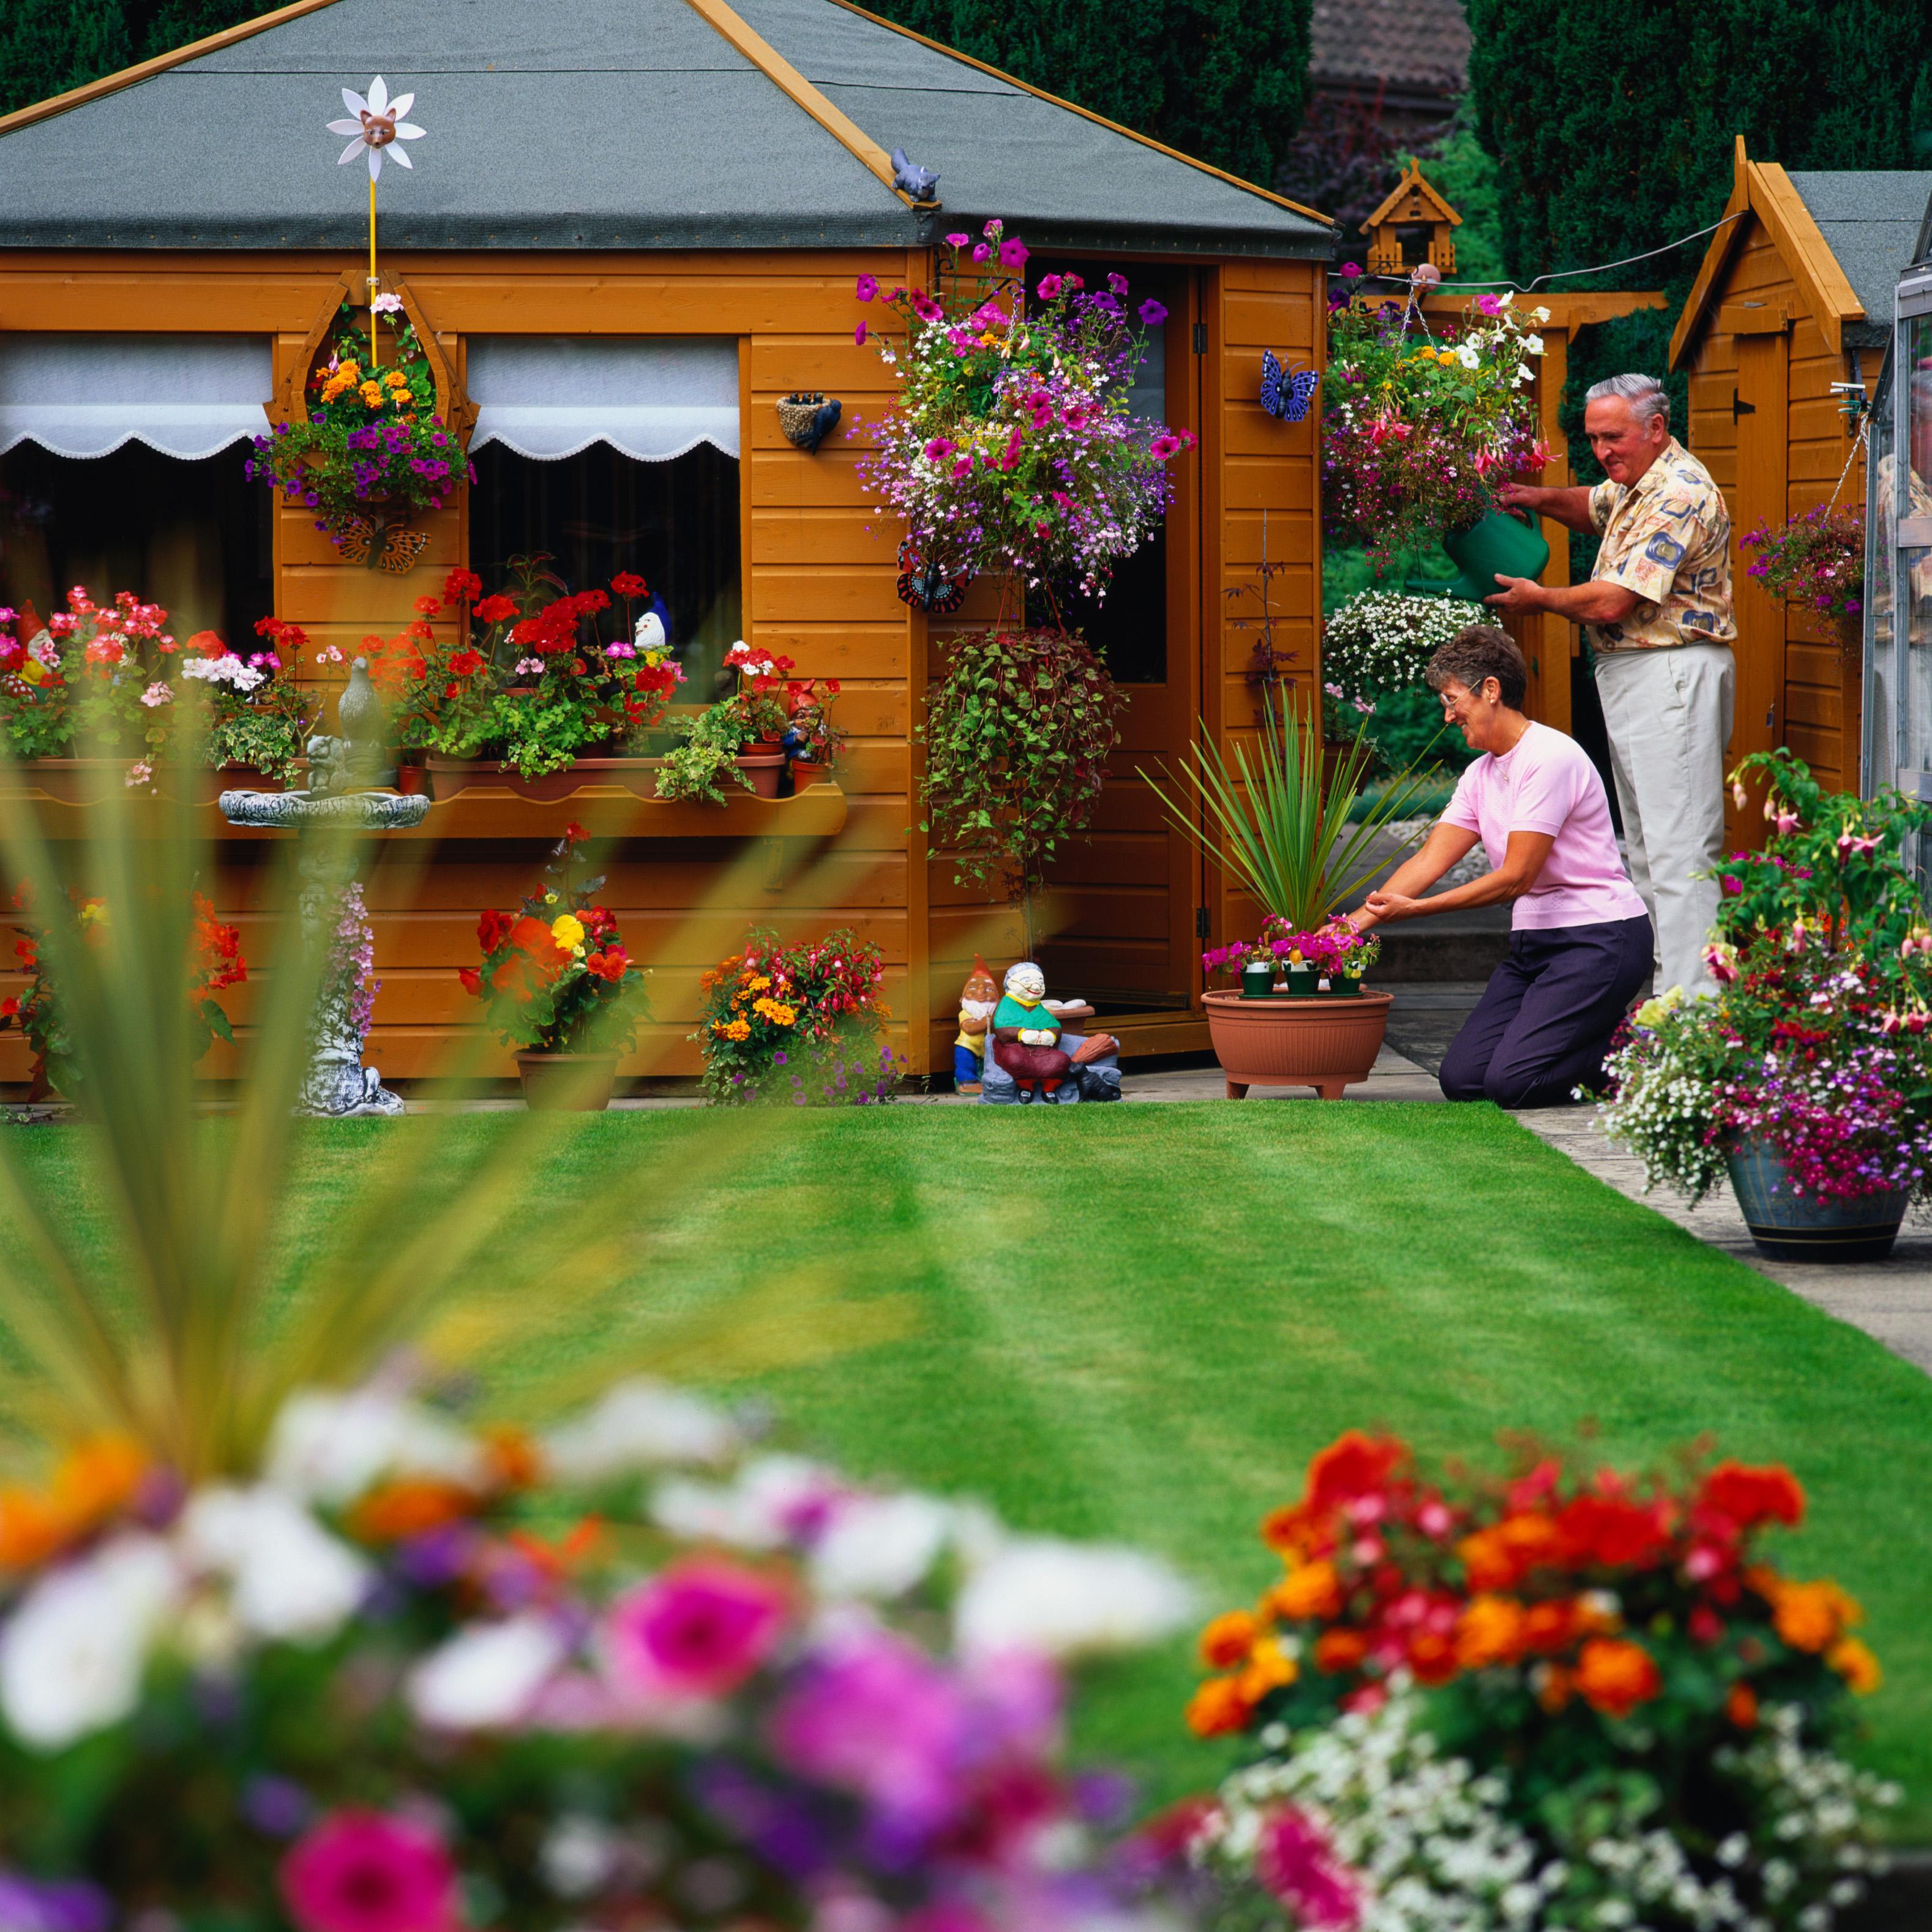 Мой прекрасный сад своими руками ландшафтные хитрости - 20 фотографий 24